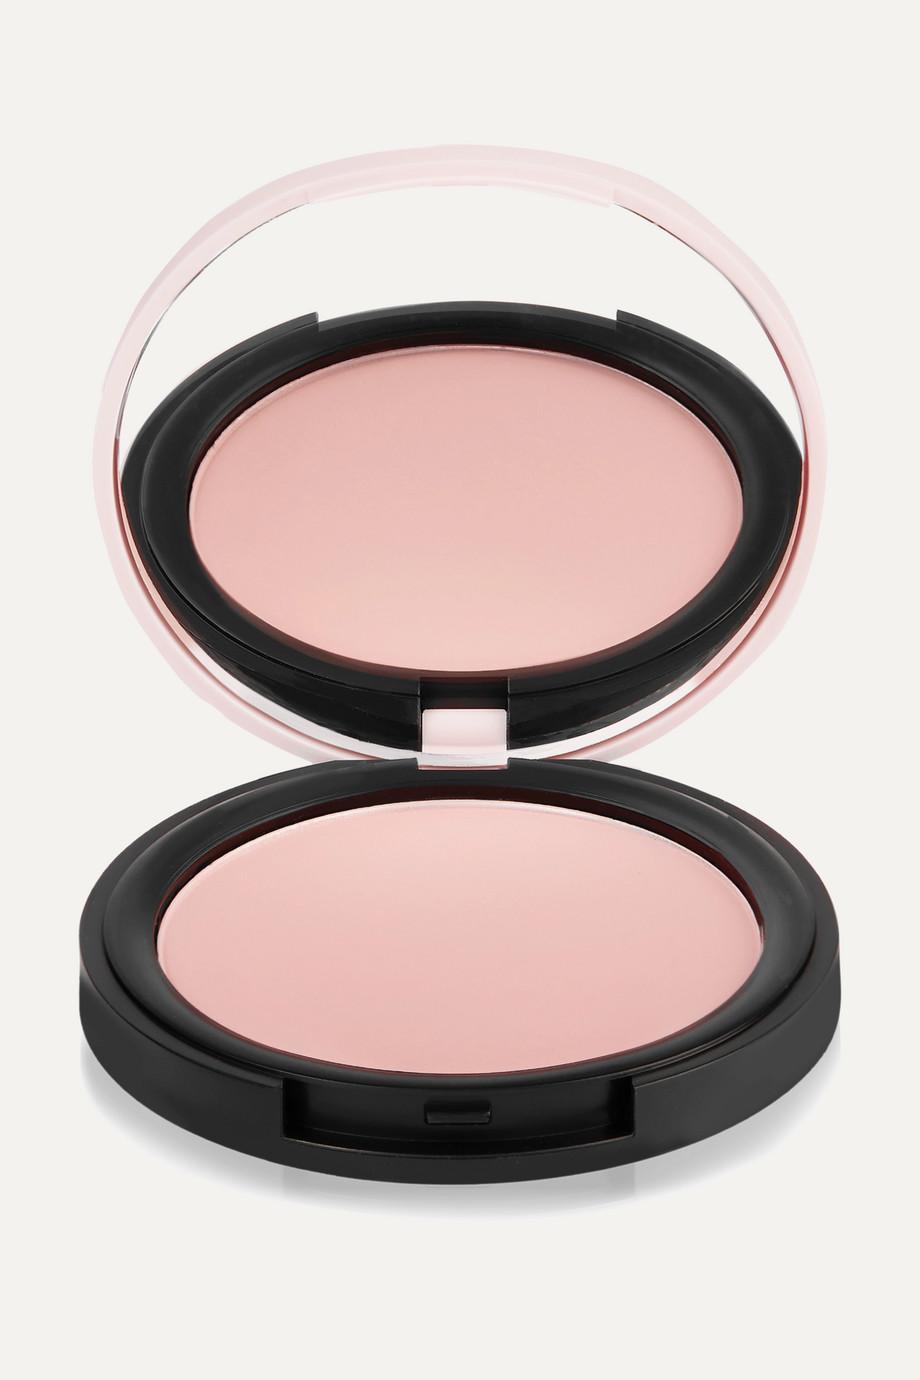 Estelle & Thild BioMineral Fresh Glow Satin Blush - Soft Pink